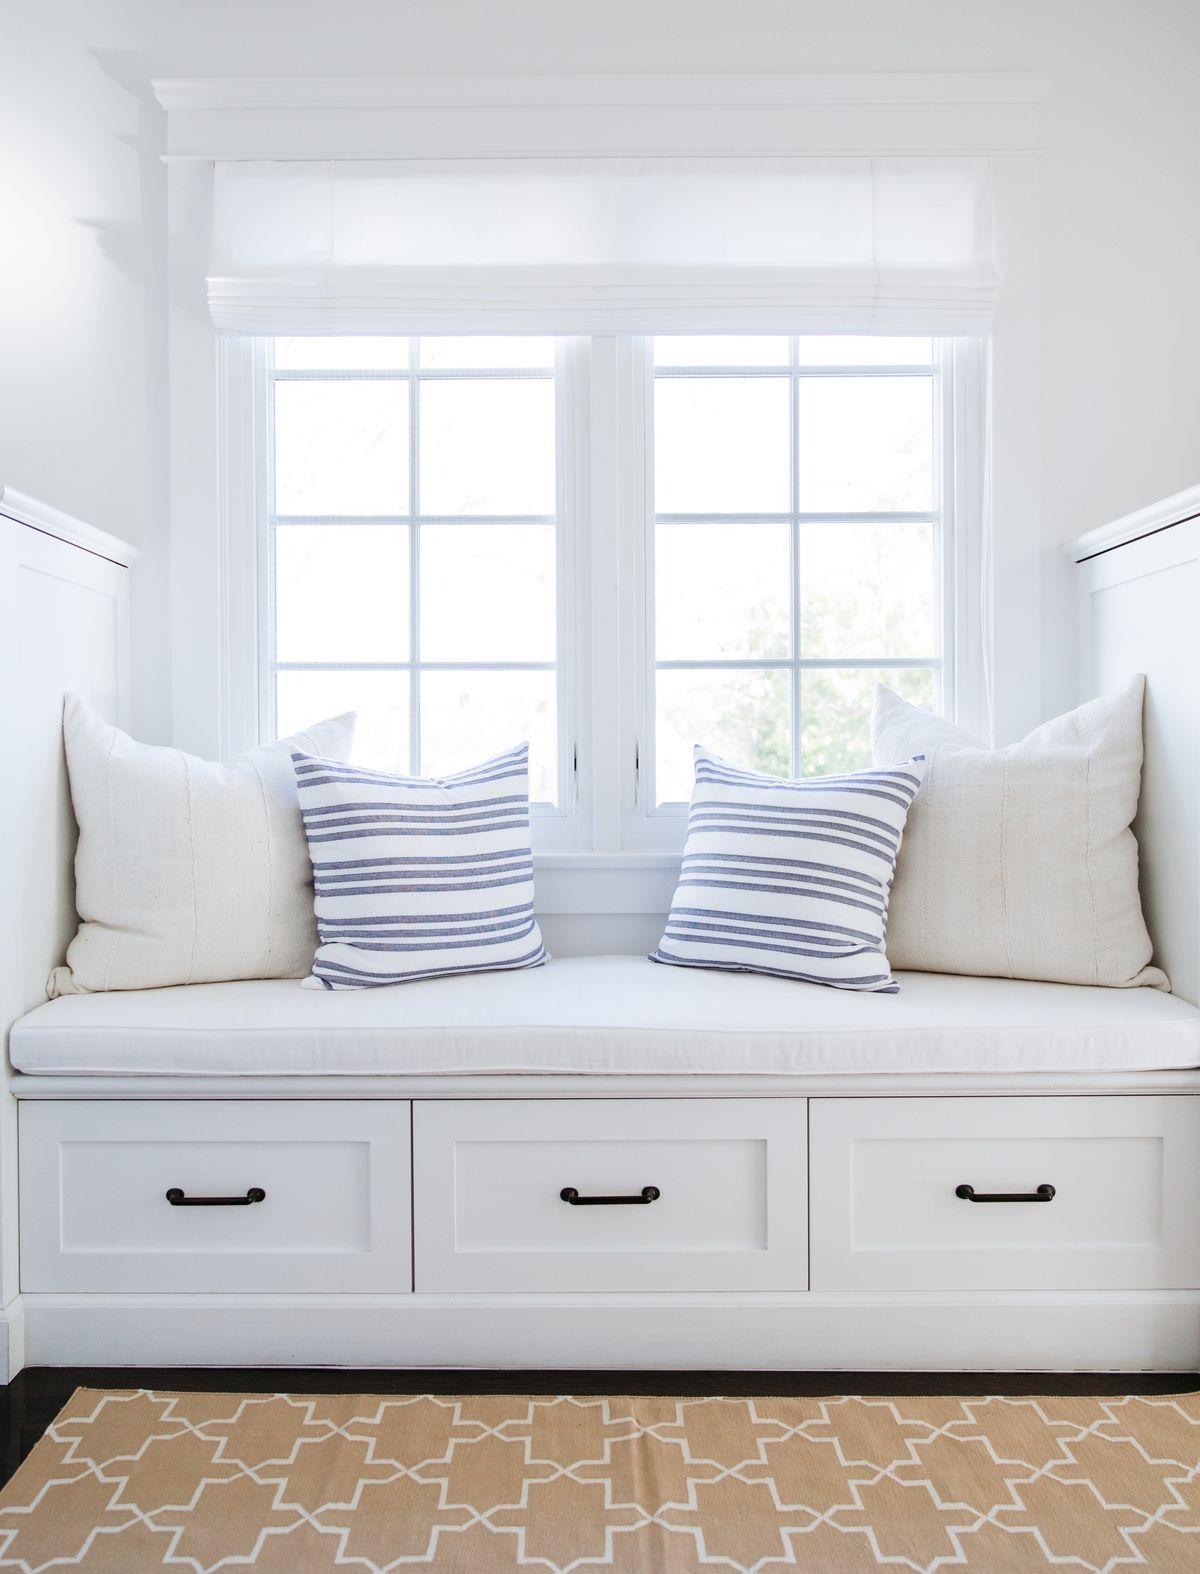 Pin de kirsten vint en Country cottage | Pinterest | Dormitorio ...